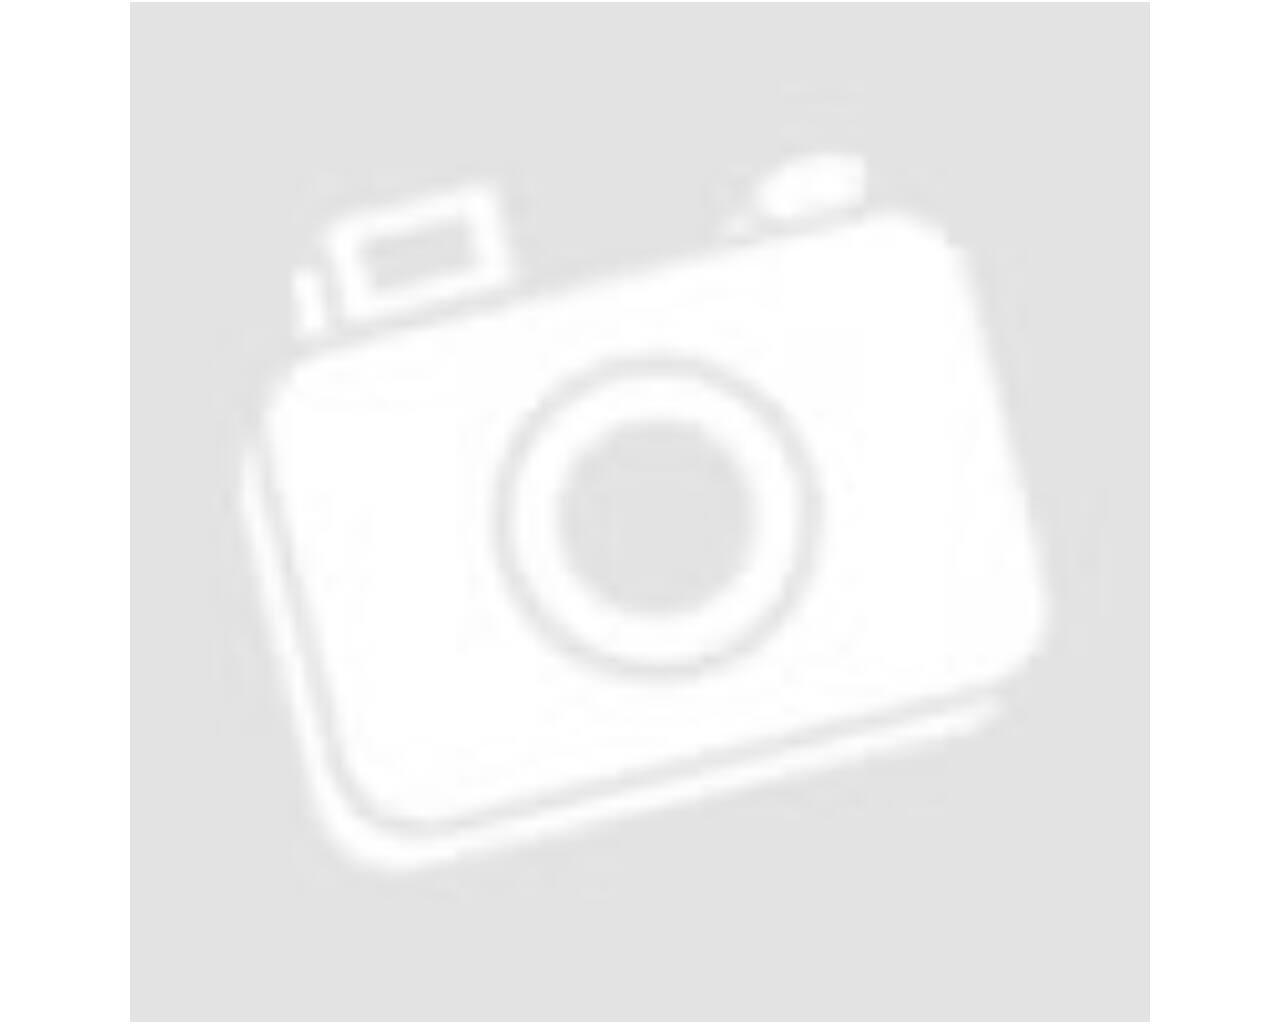 Klementína ágyneműhuzat, 2 fő, 100% pamut